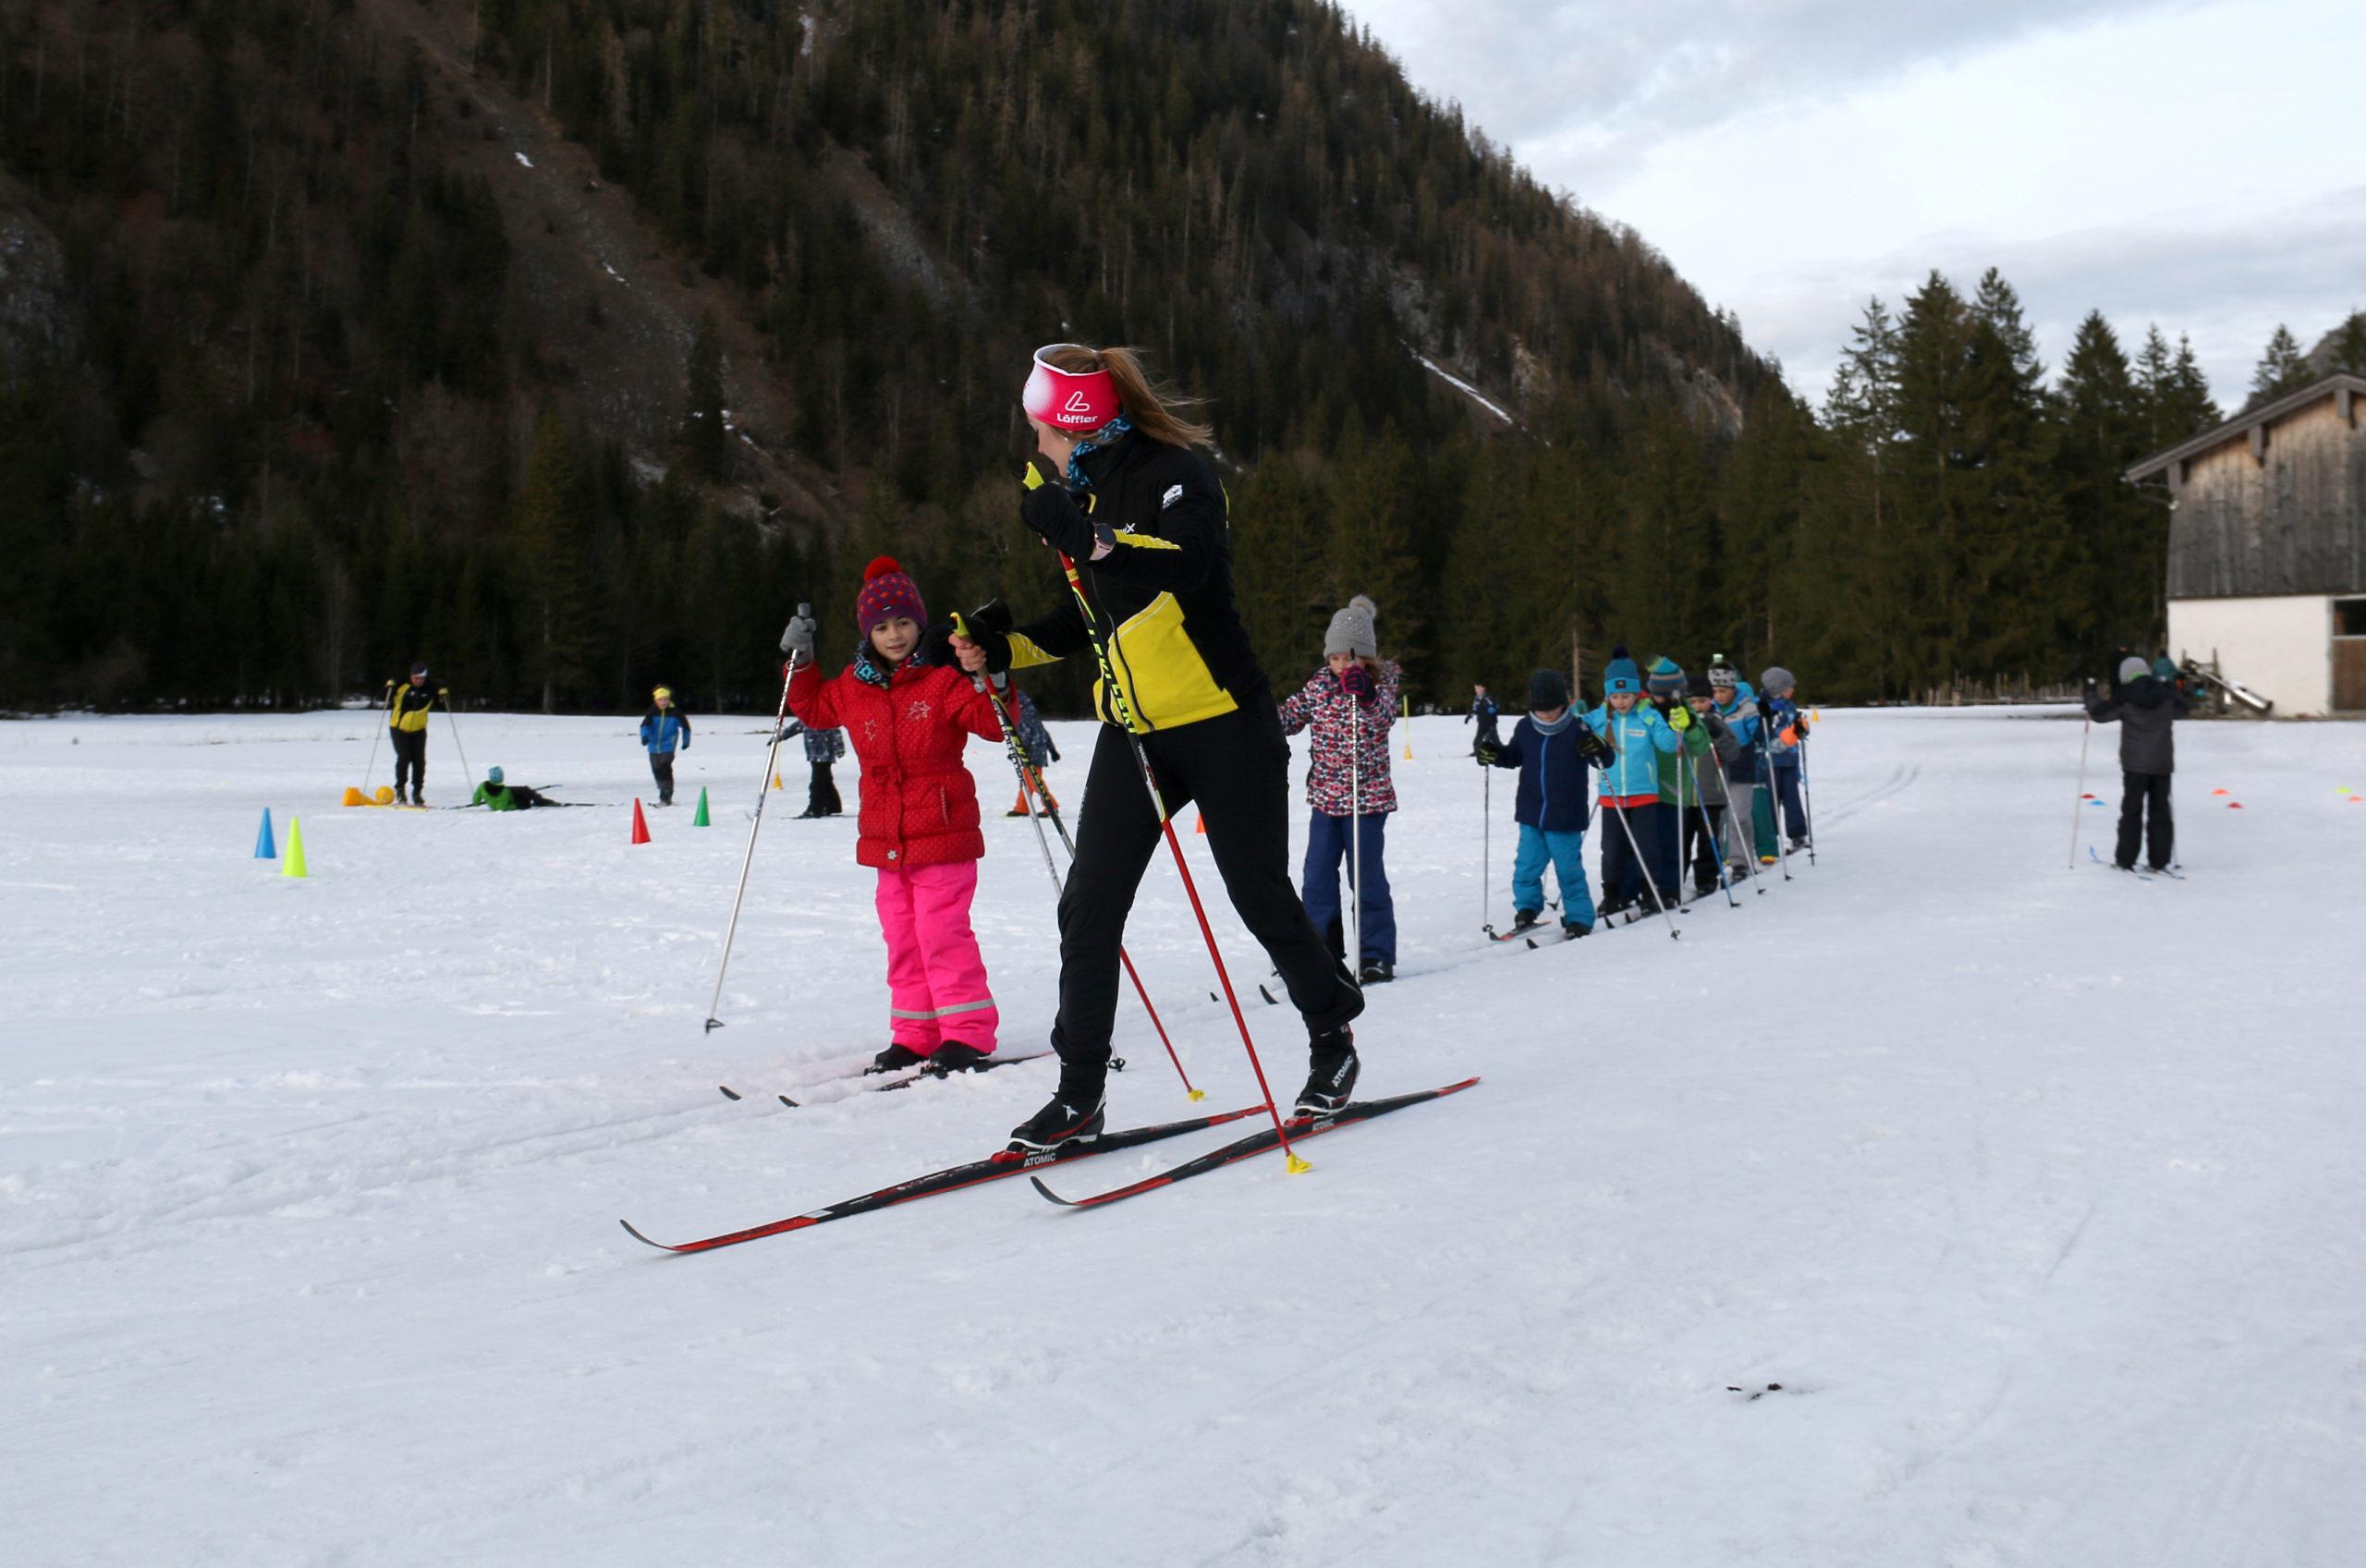 Grundschüler Der Ludwig-Thoma-Schule Schnuppern Bei Den Langläufern Des Ski-Club Traunstein